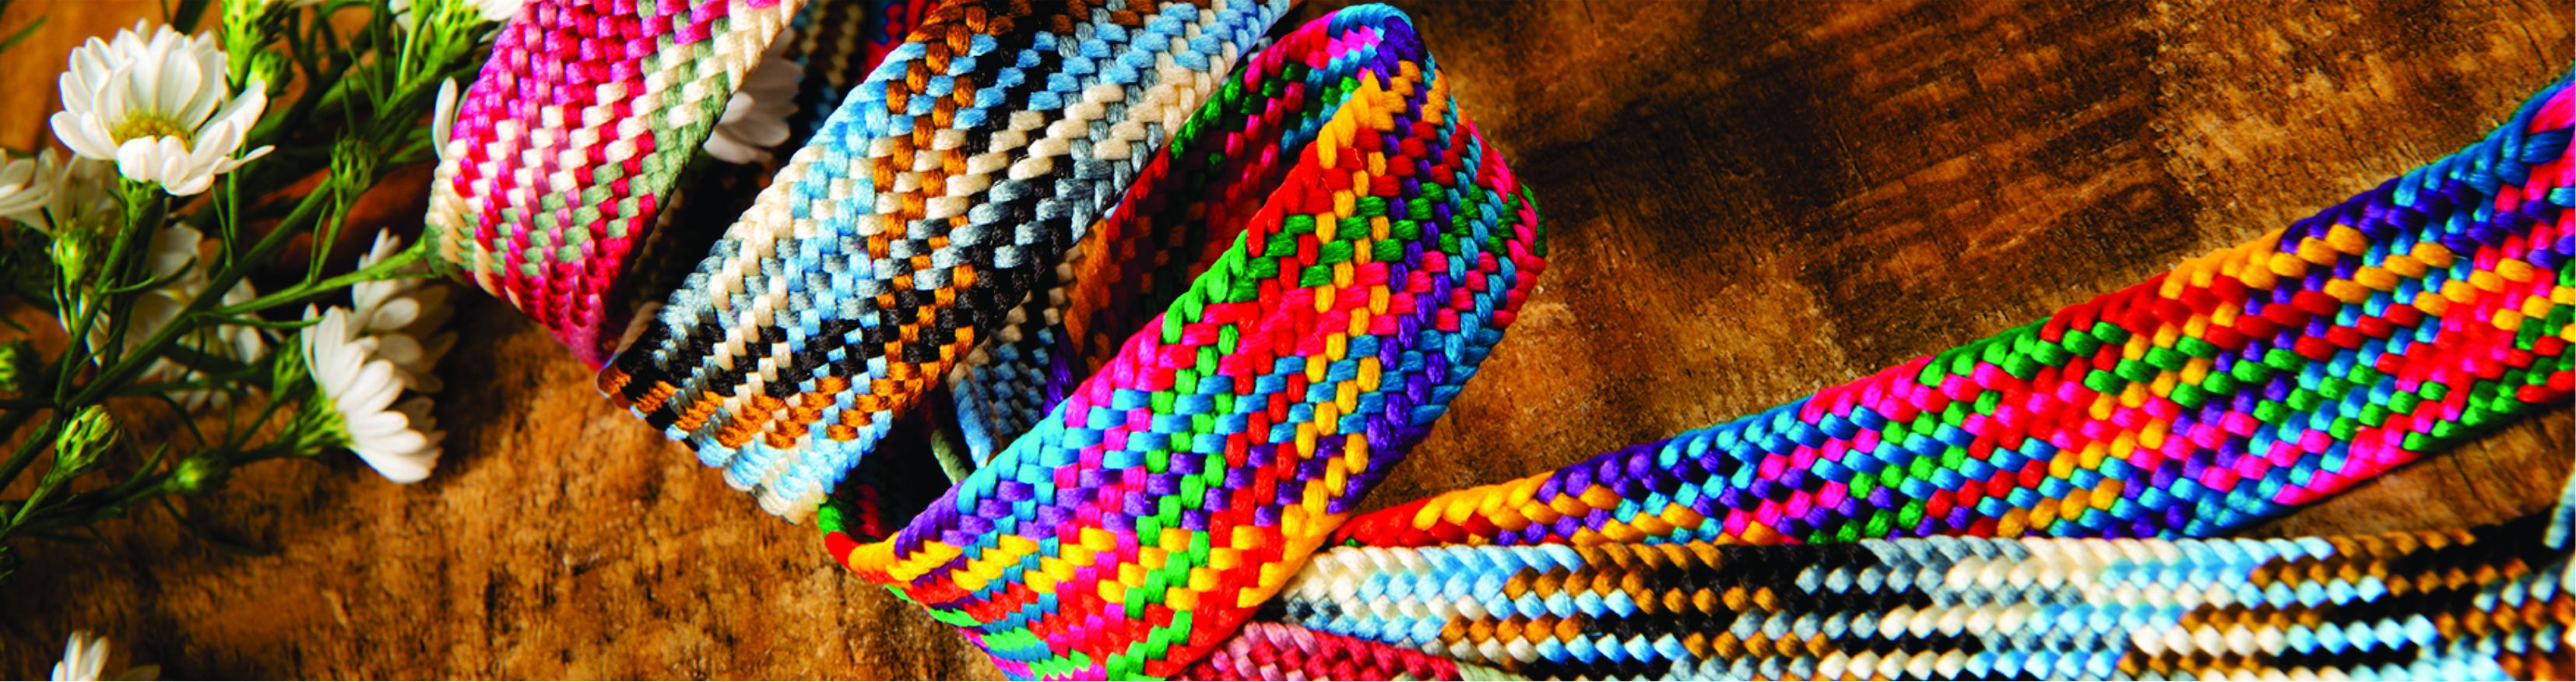 Guipirs artePunto coloridos